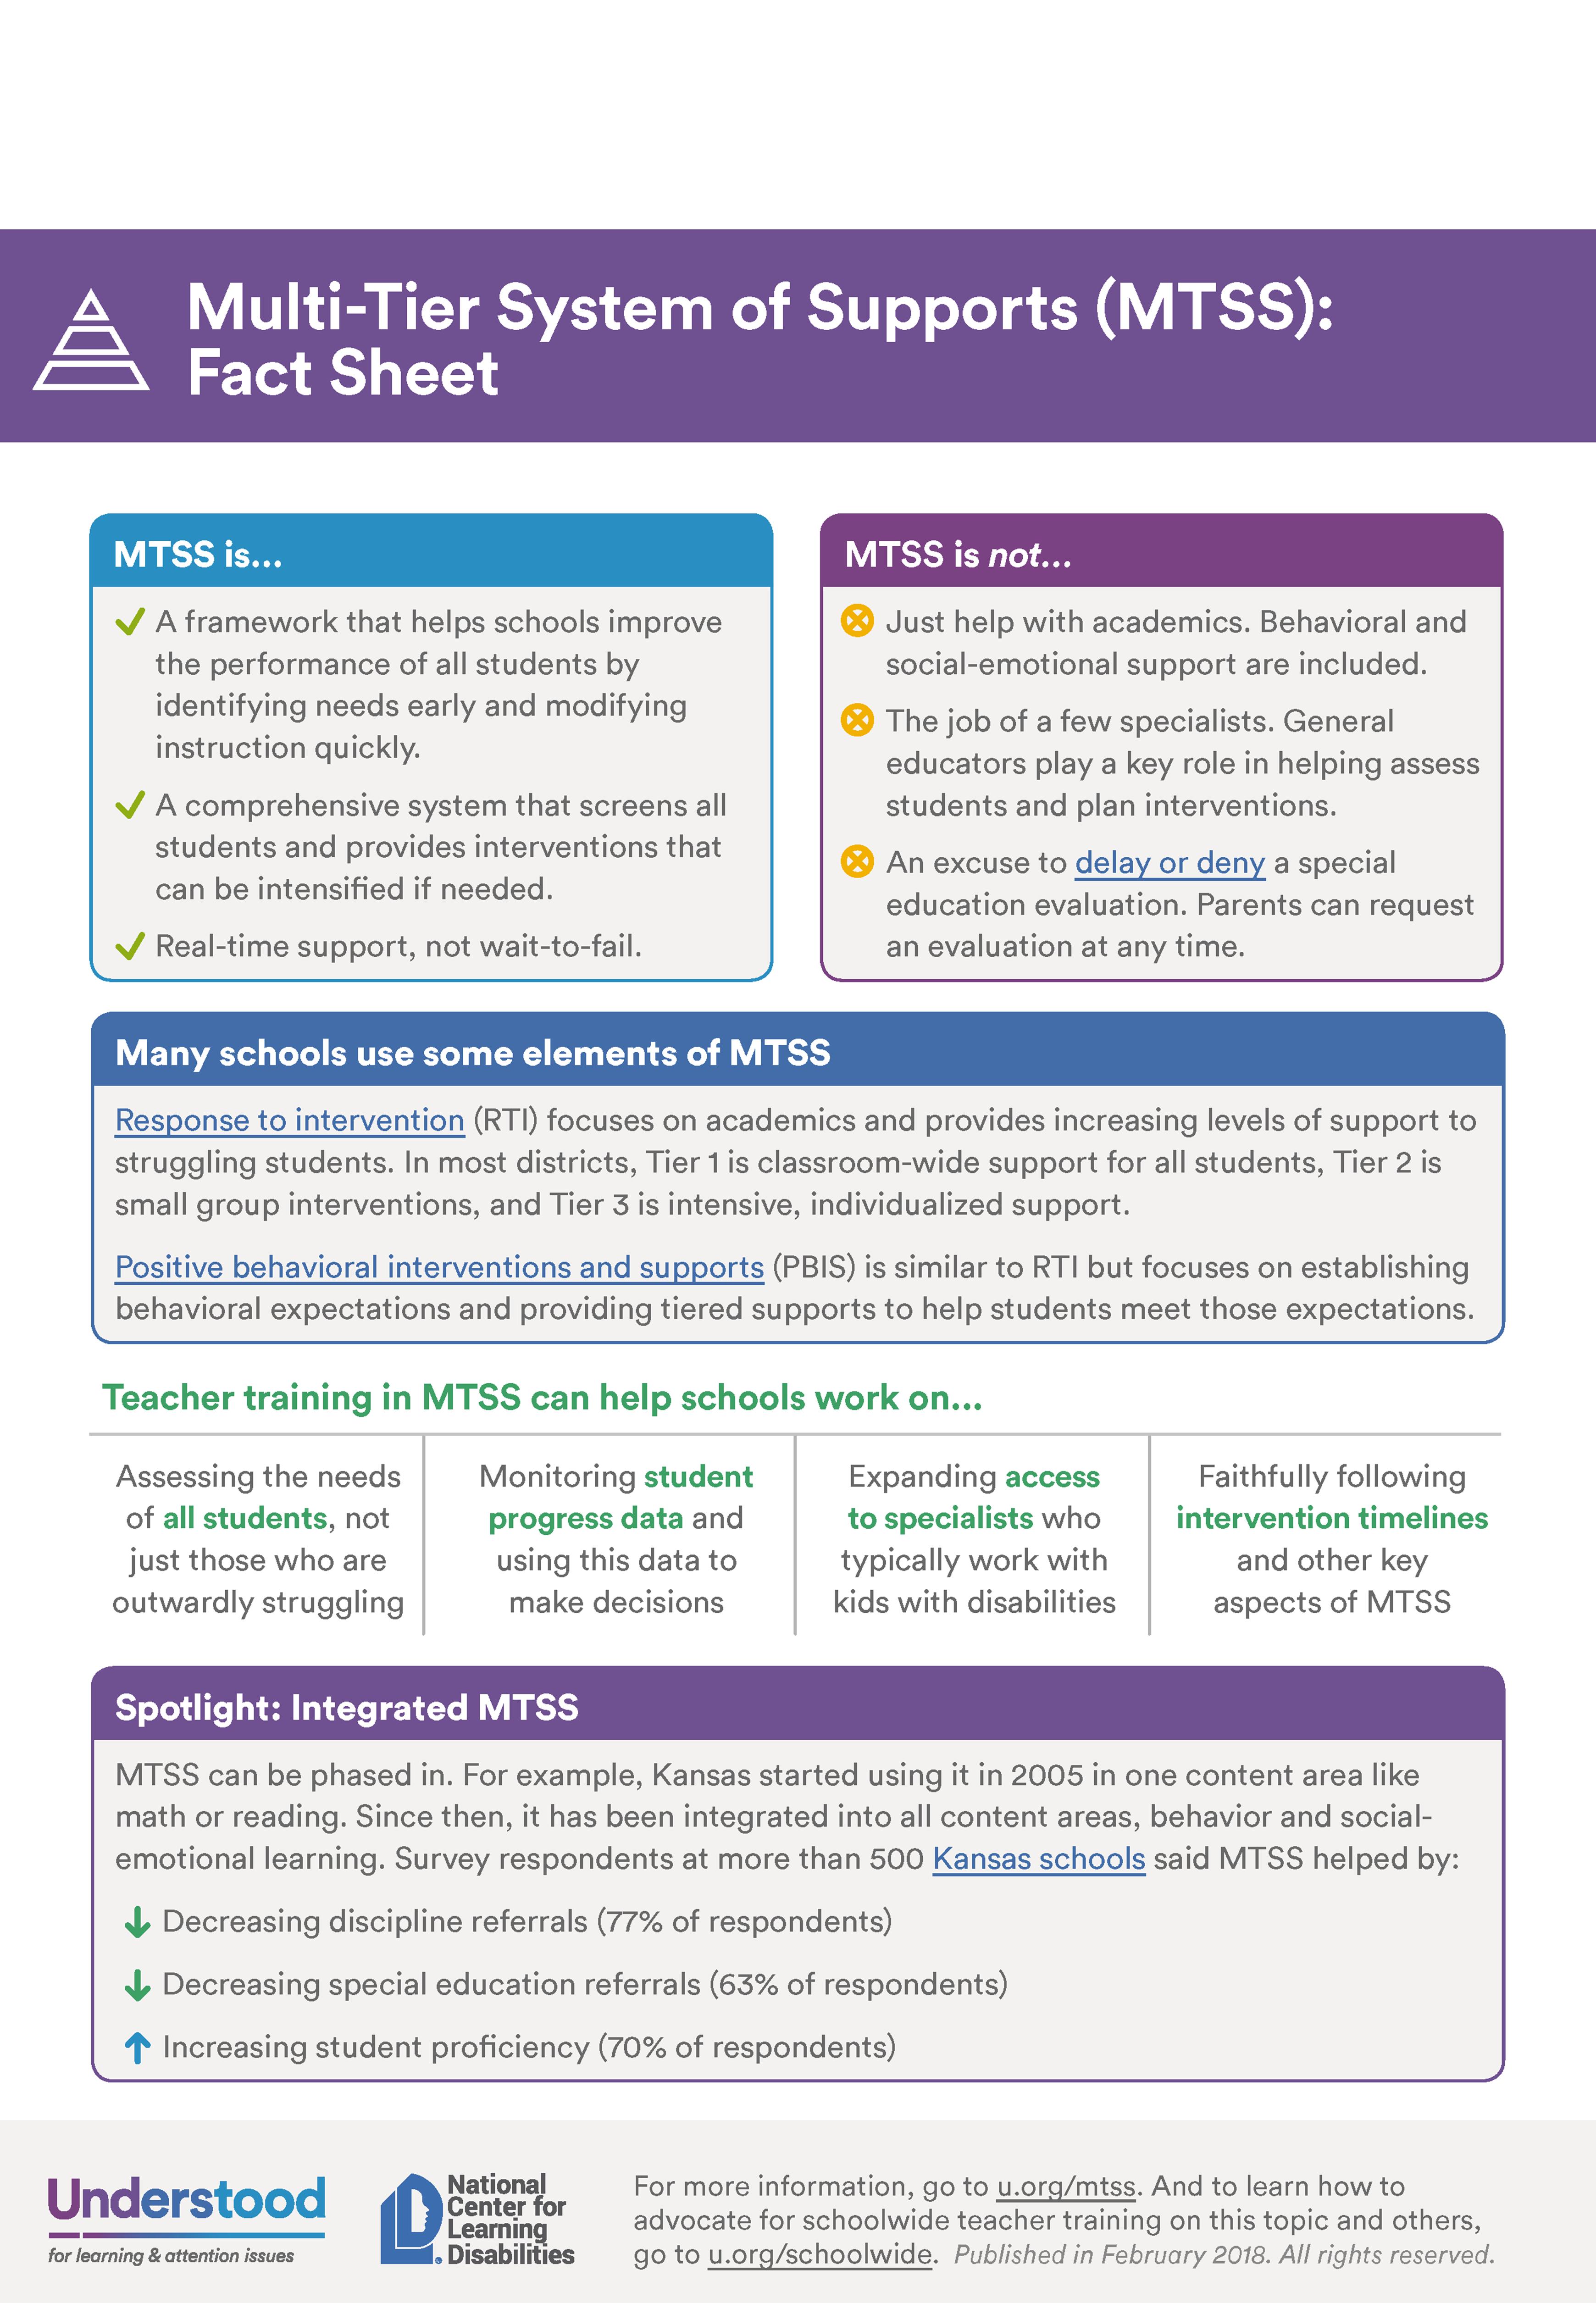 MTSS Fact Sheet